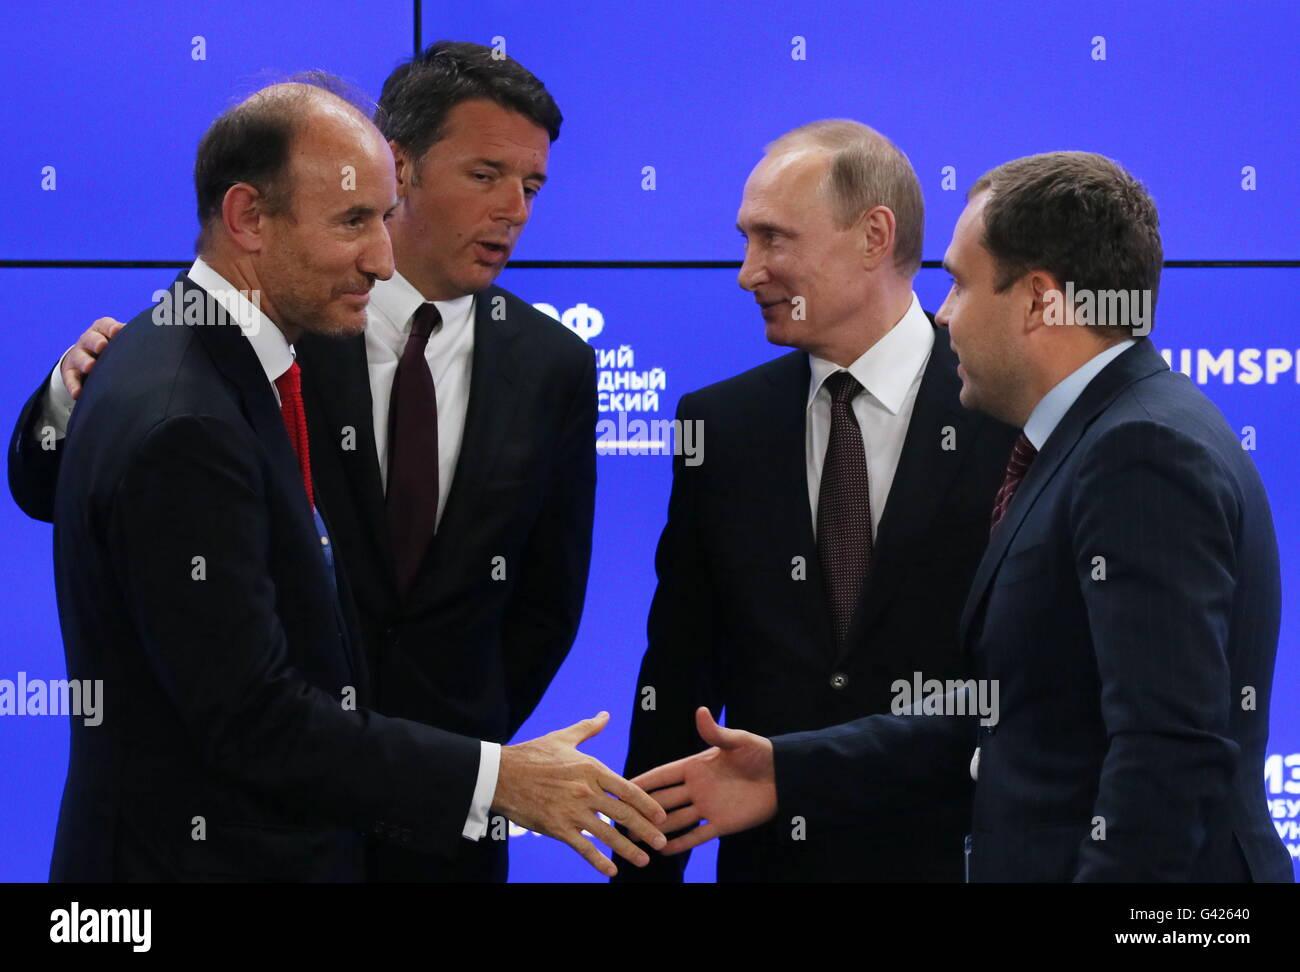 St Petersburg, Russia. 17th June, 2016. Cassa Depositi e Prestiti (CDP) CEO Fabio Gallia, Italy's Prime Minister - Stock Image